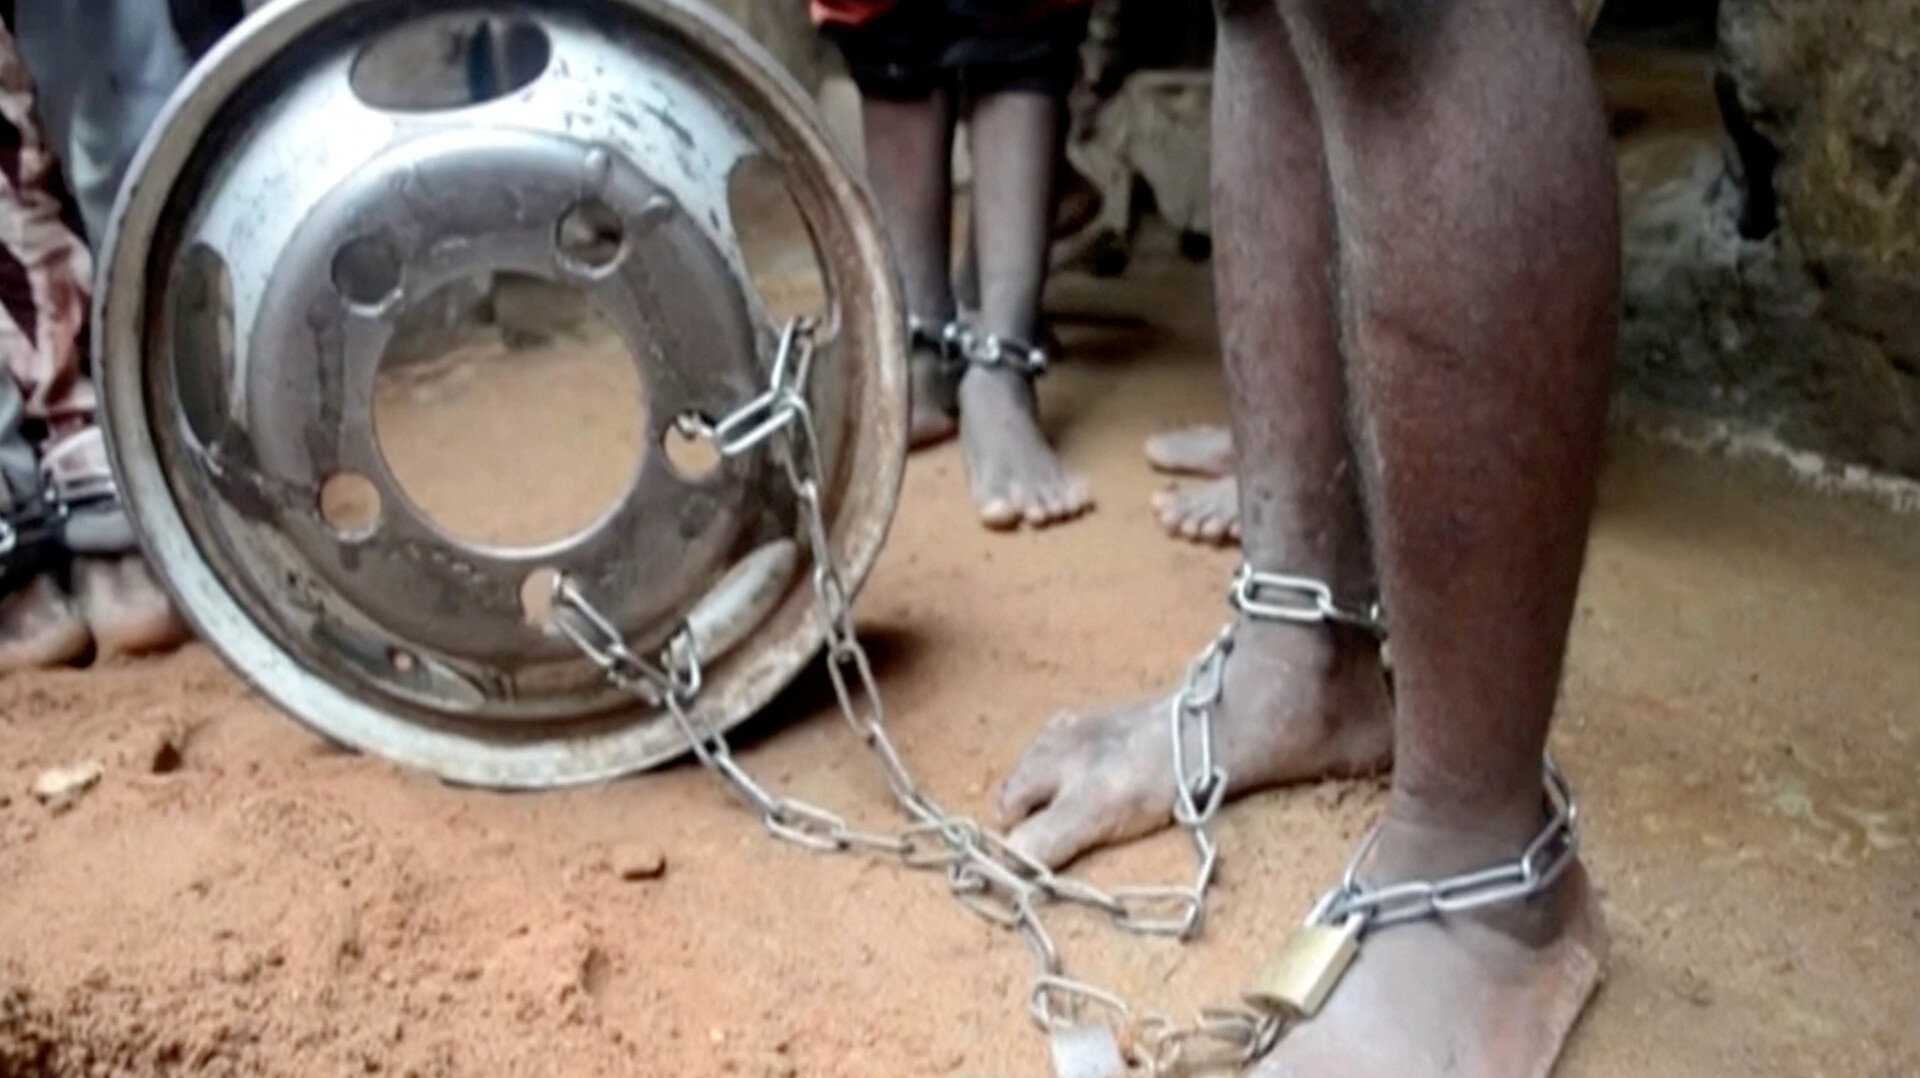 نيجيريا.. تحرير أكثر من 300 تلميذ تعرضوا للتعذيب والاغتصاب في مدرسة إسلامية (صور)